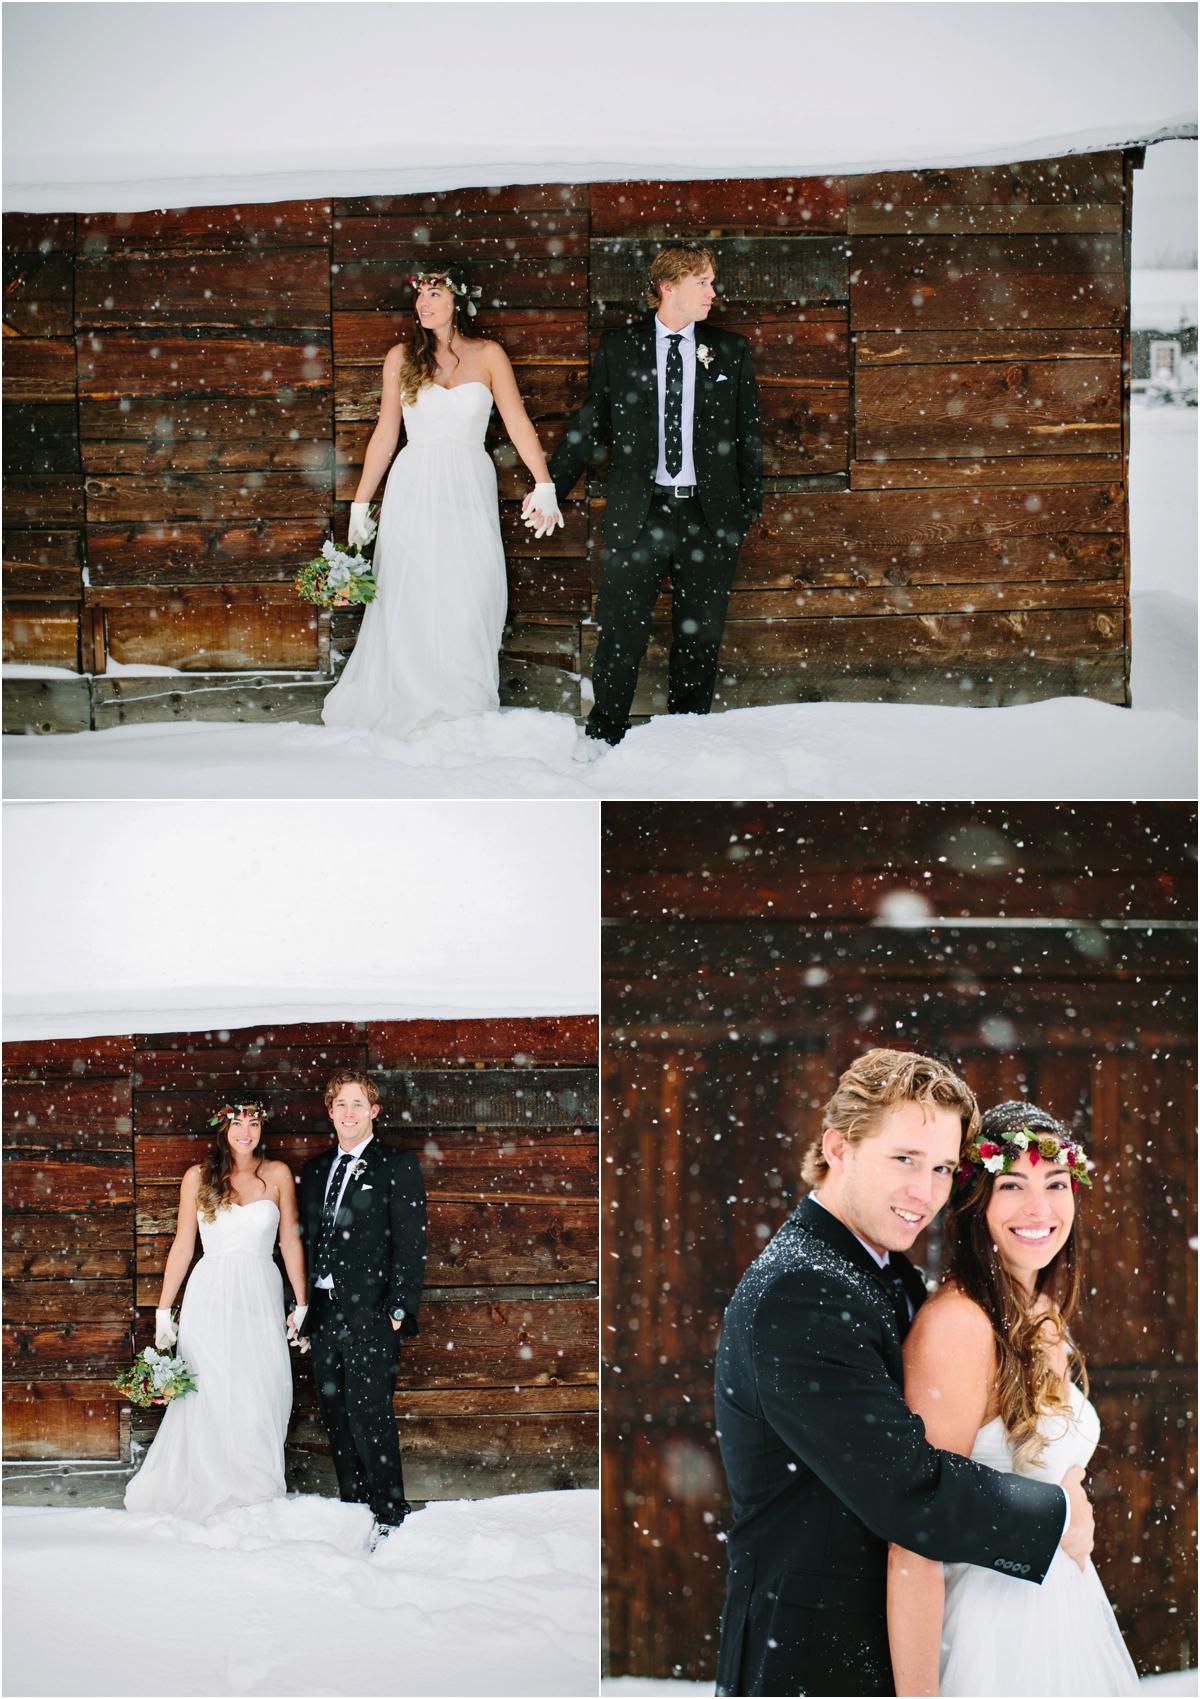 Breckinridge_Colorado_winter_wedding_elopment_0011